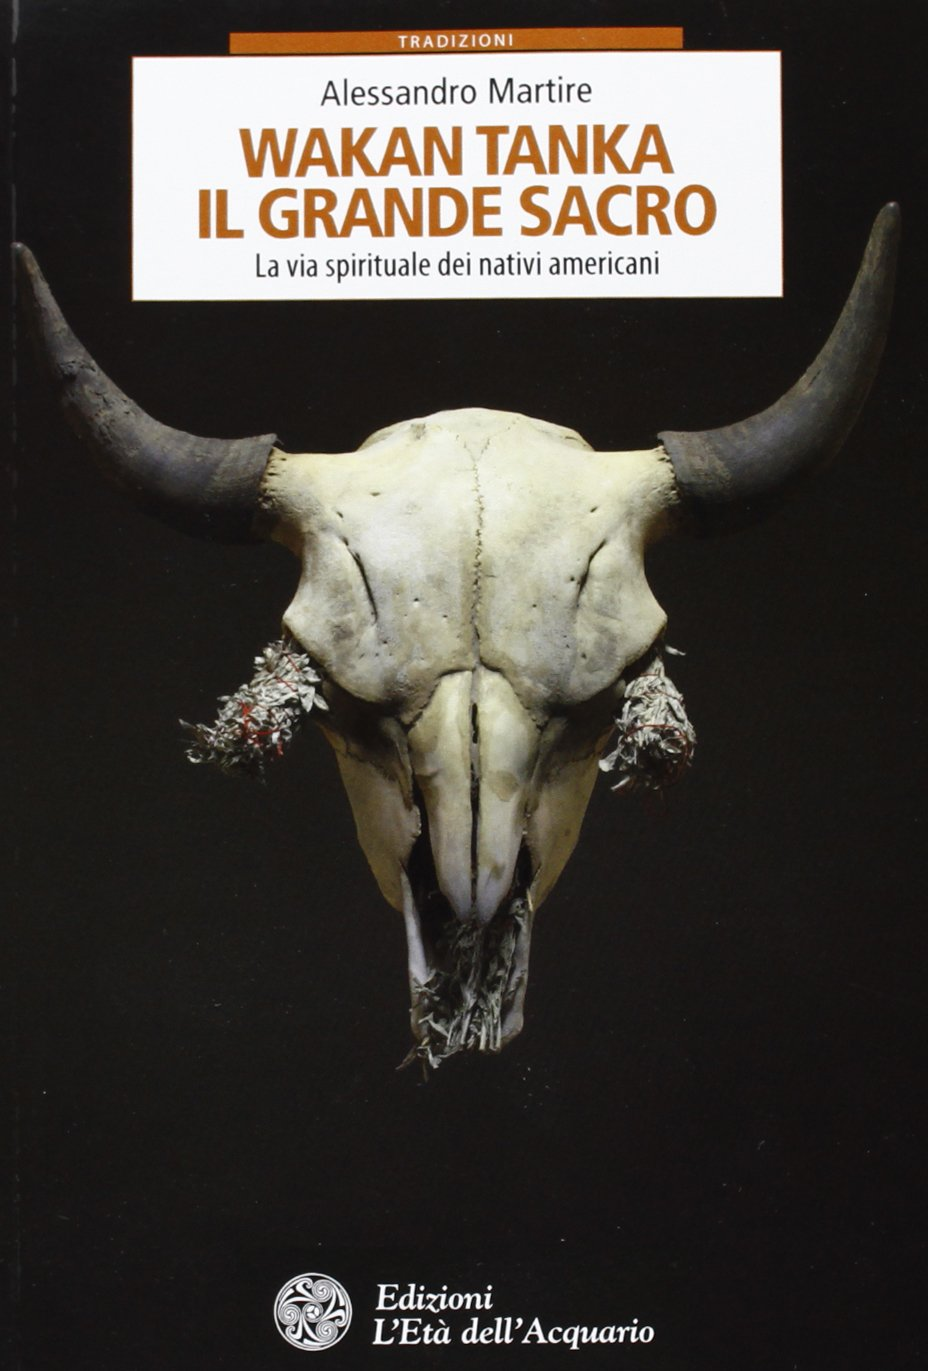 Wakan Tanka Il Grande Sacro Martire Alessandro 9788871364209 Amazon Com Books